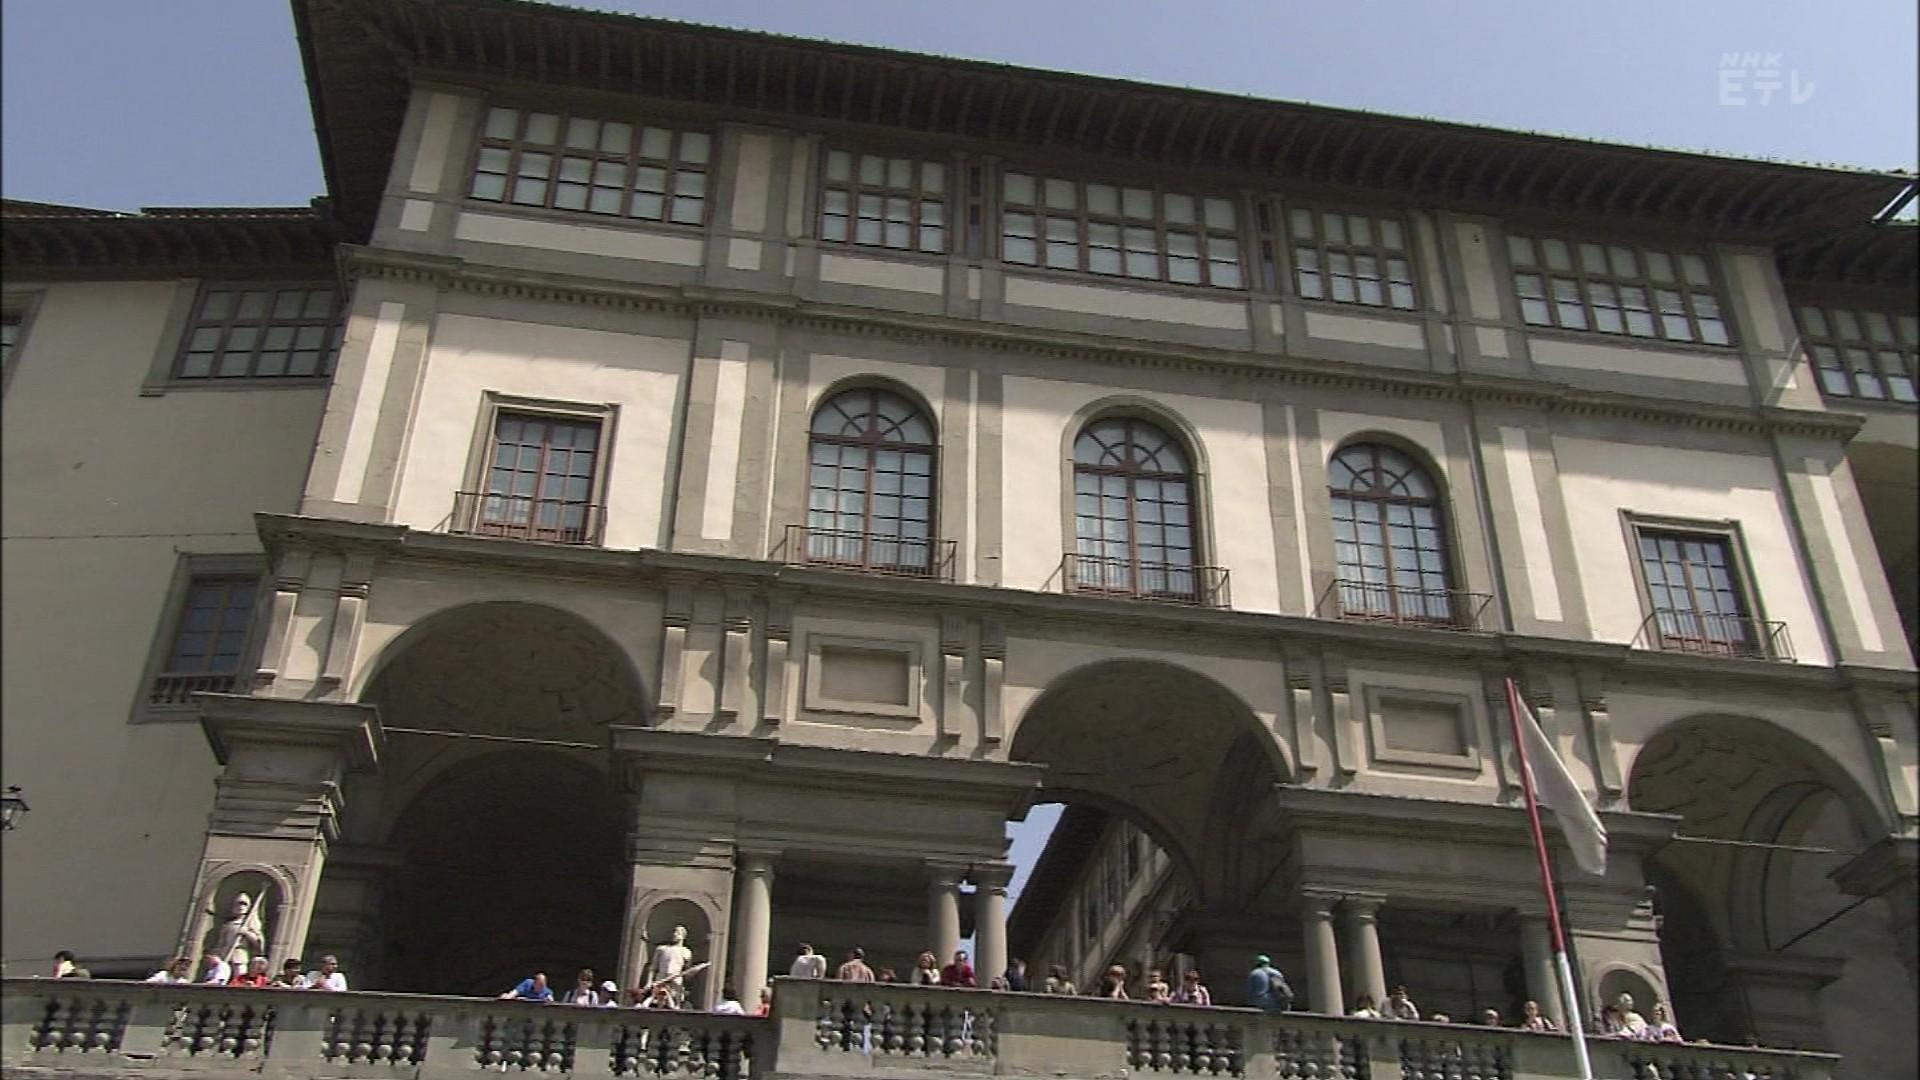 こんなテレビを見た。  世界美術館紀行 短編 ウフィツィ美術館コメント